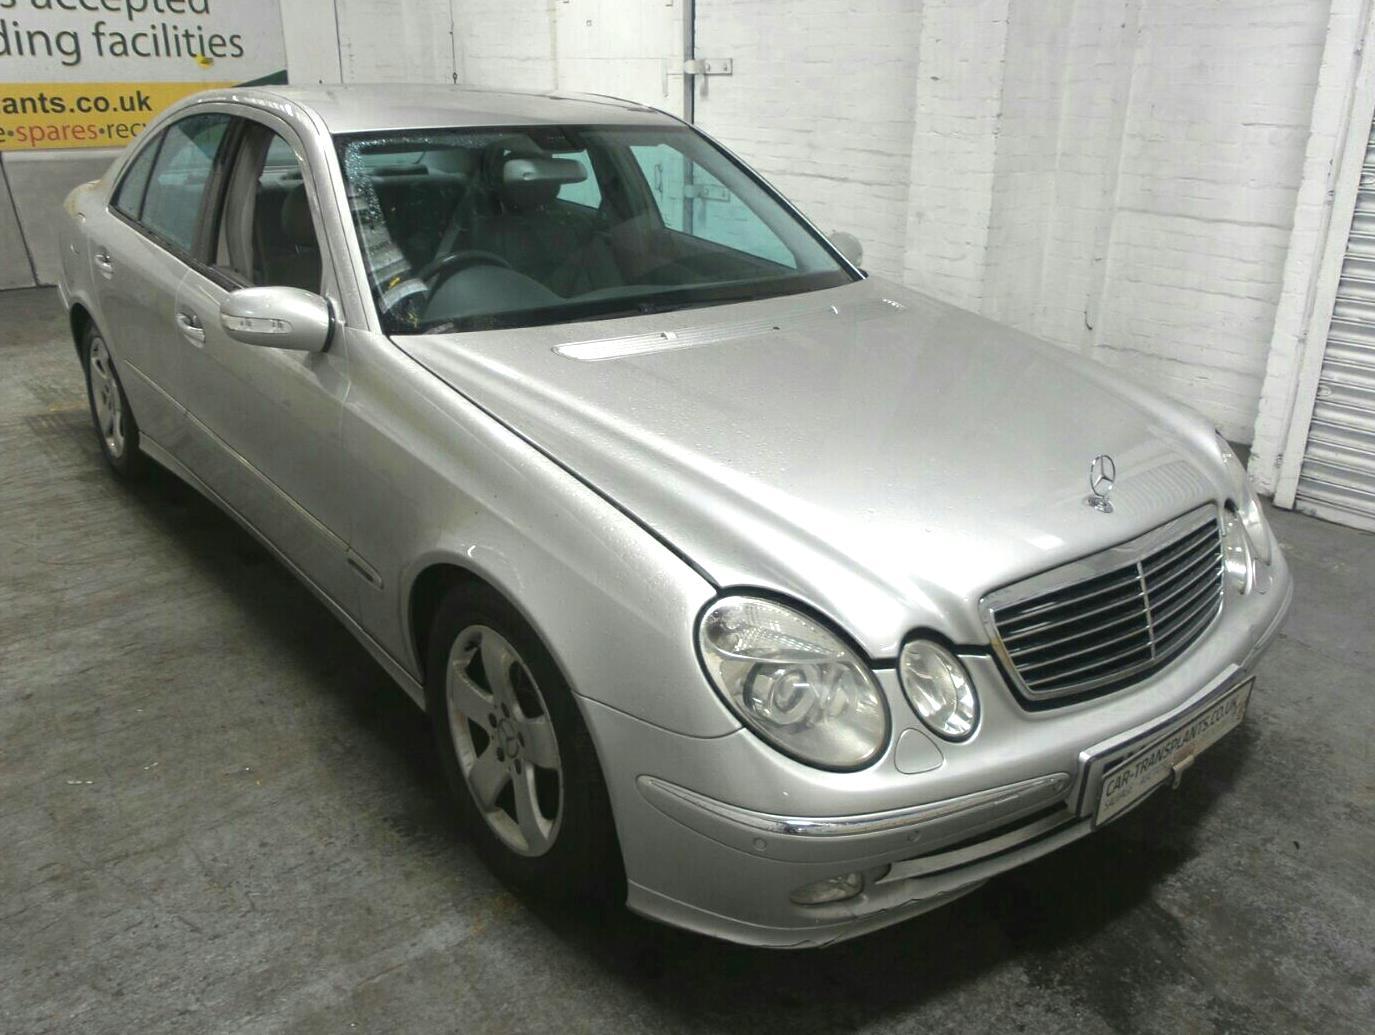 All Types 2003 benz e320 : 2003 MERCEDES-BENZ E CLASS E320 Avantgarde CDi 3222cc Turbo Diesel ...